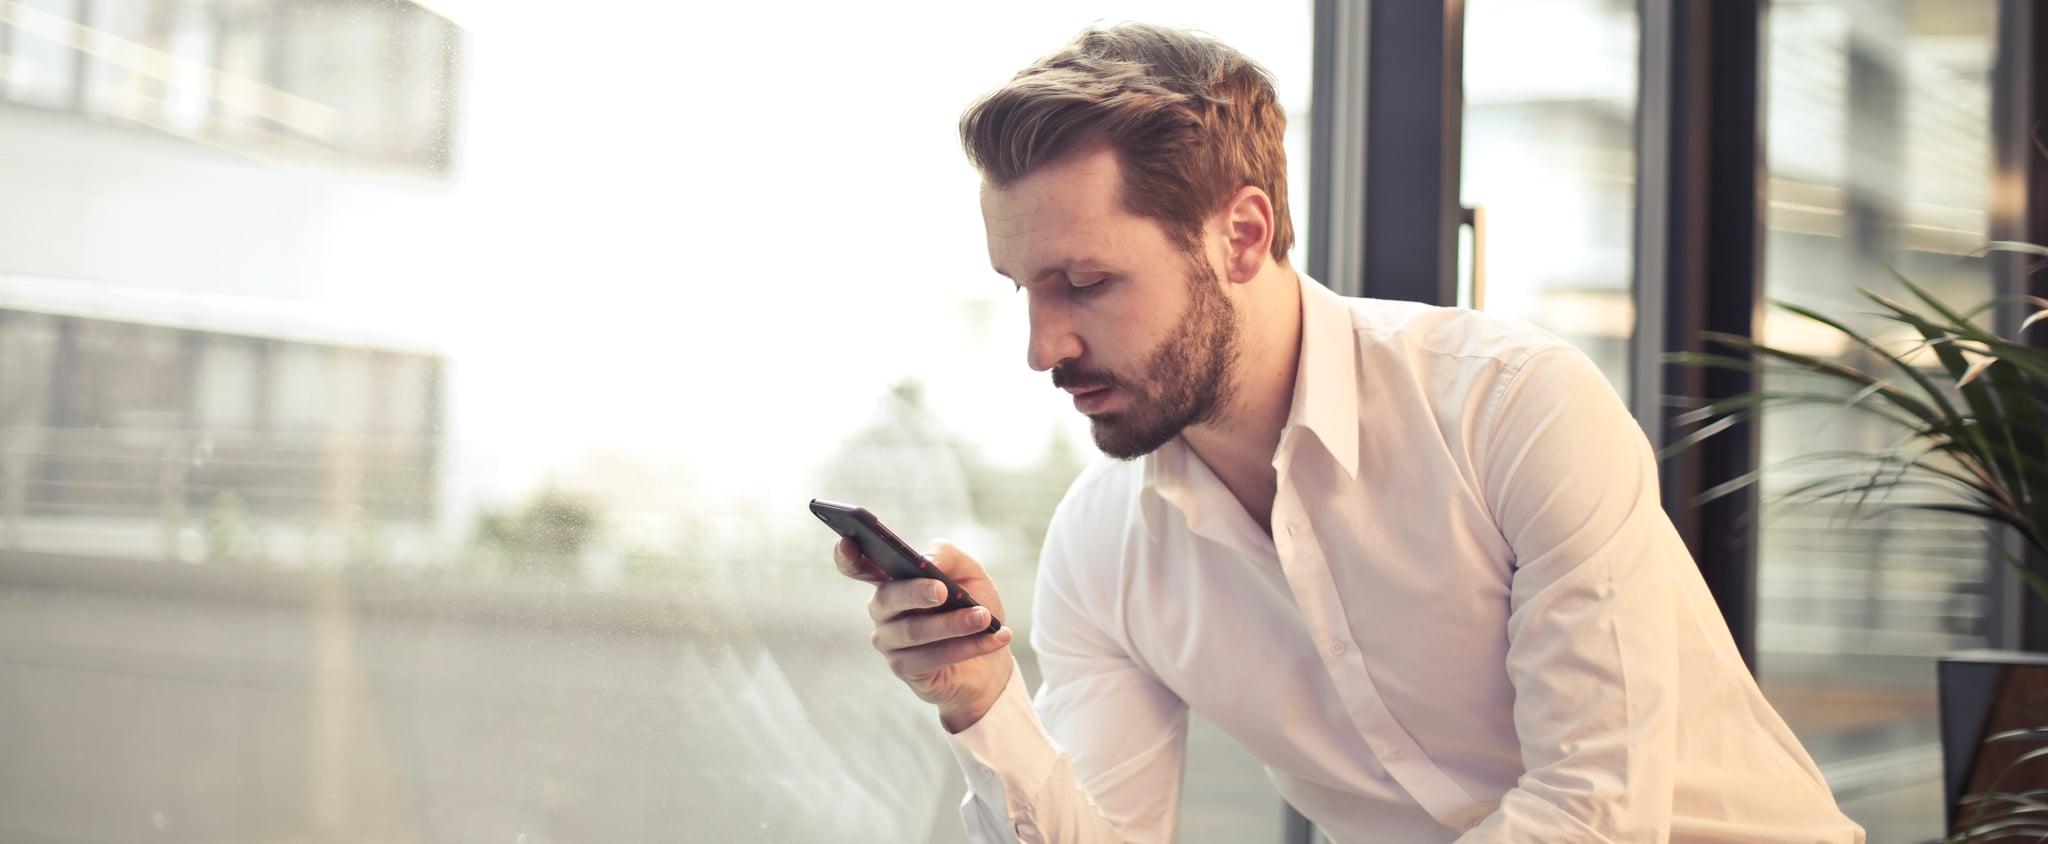 واتساب تطلق ميزة انتظار المكالمات ضمن تطبيقها أخيراً 2019